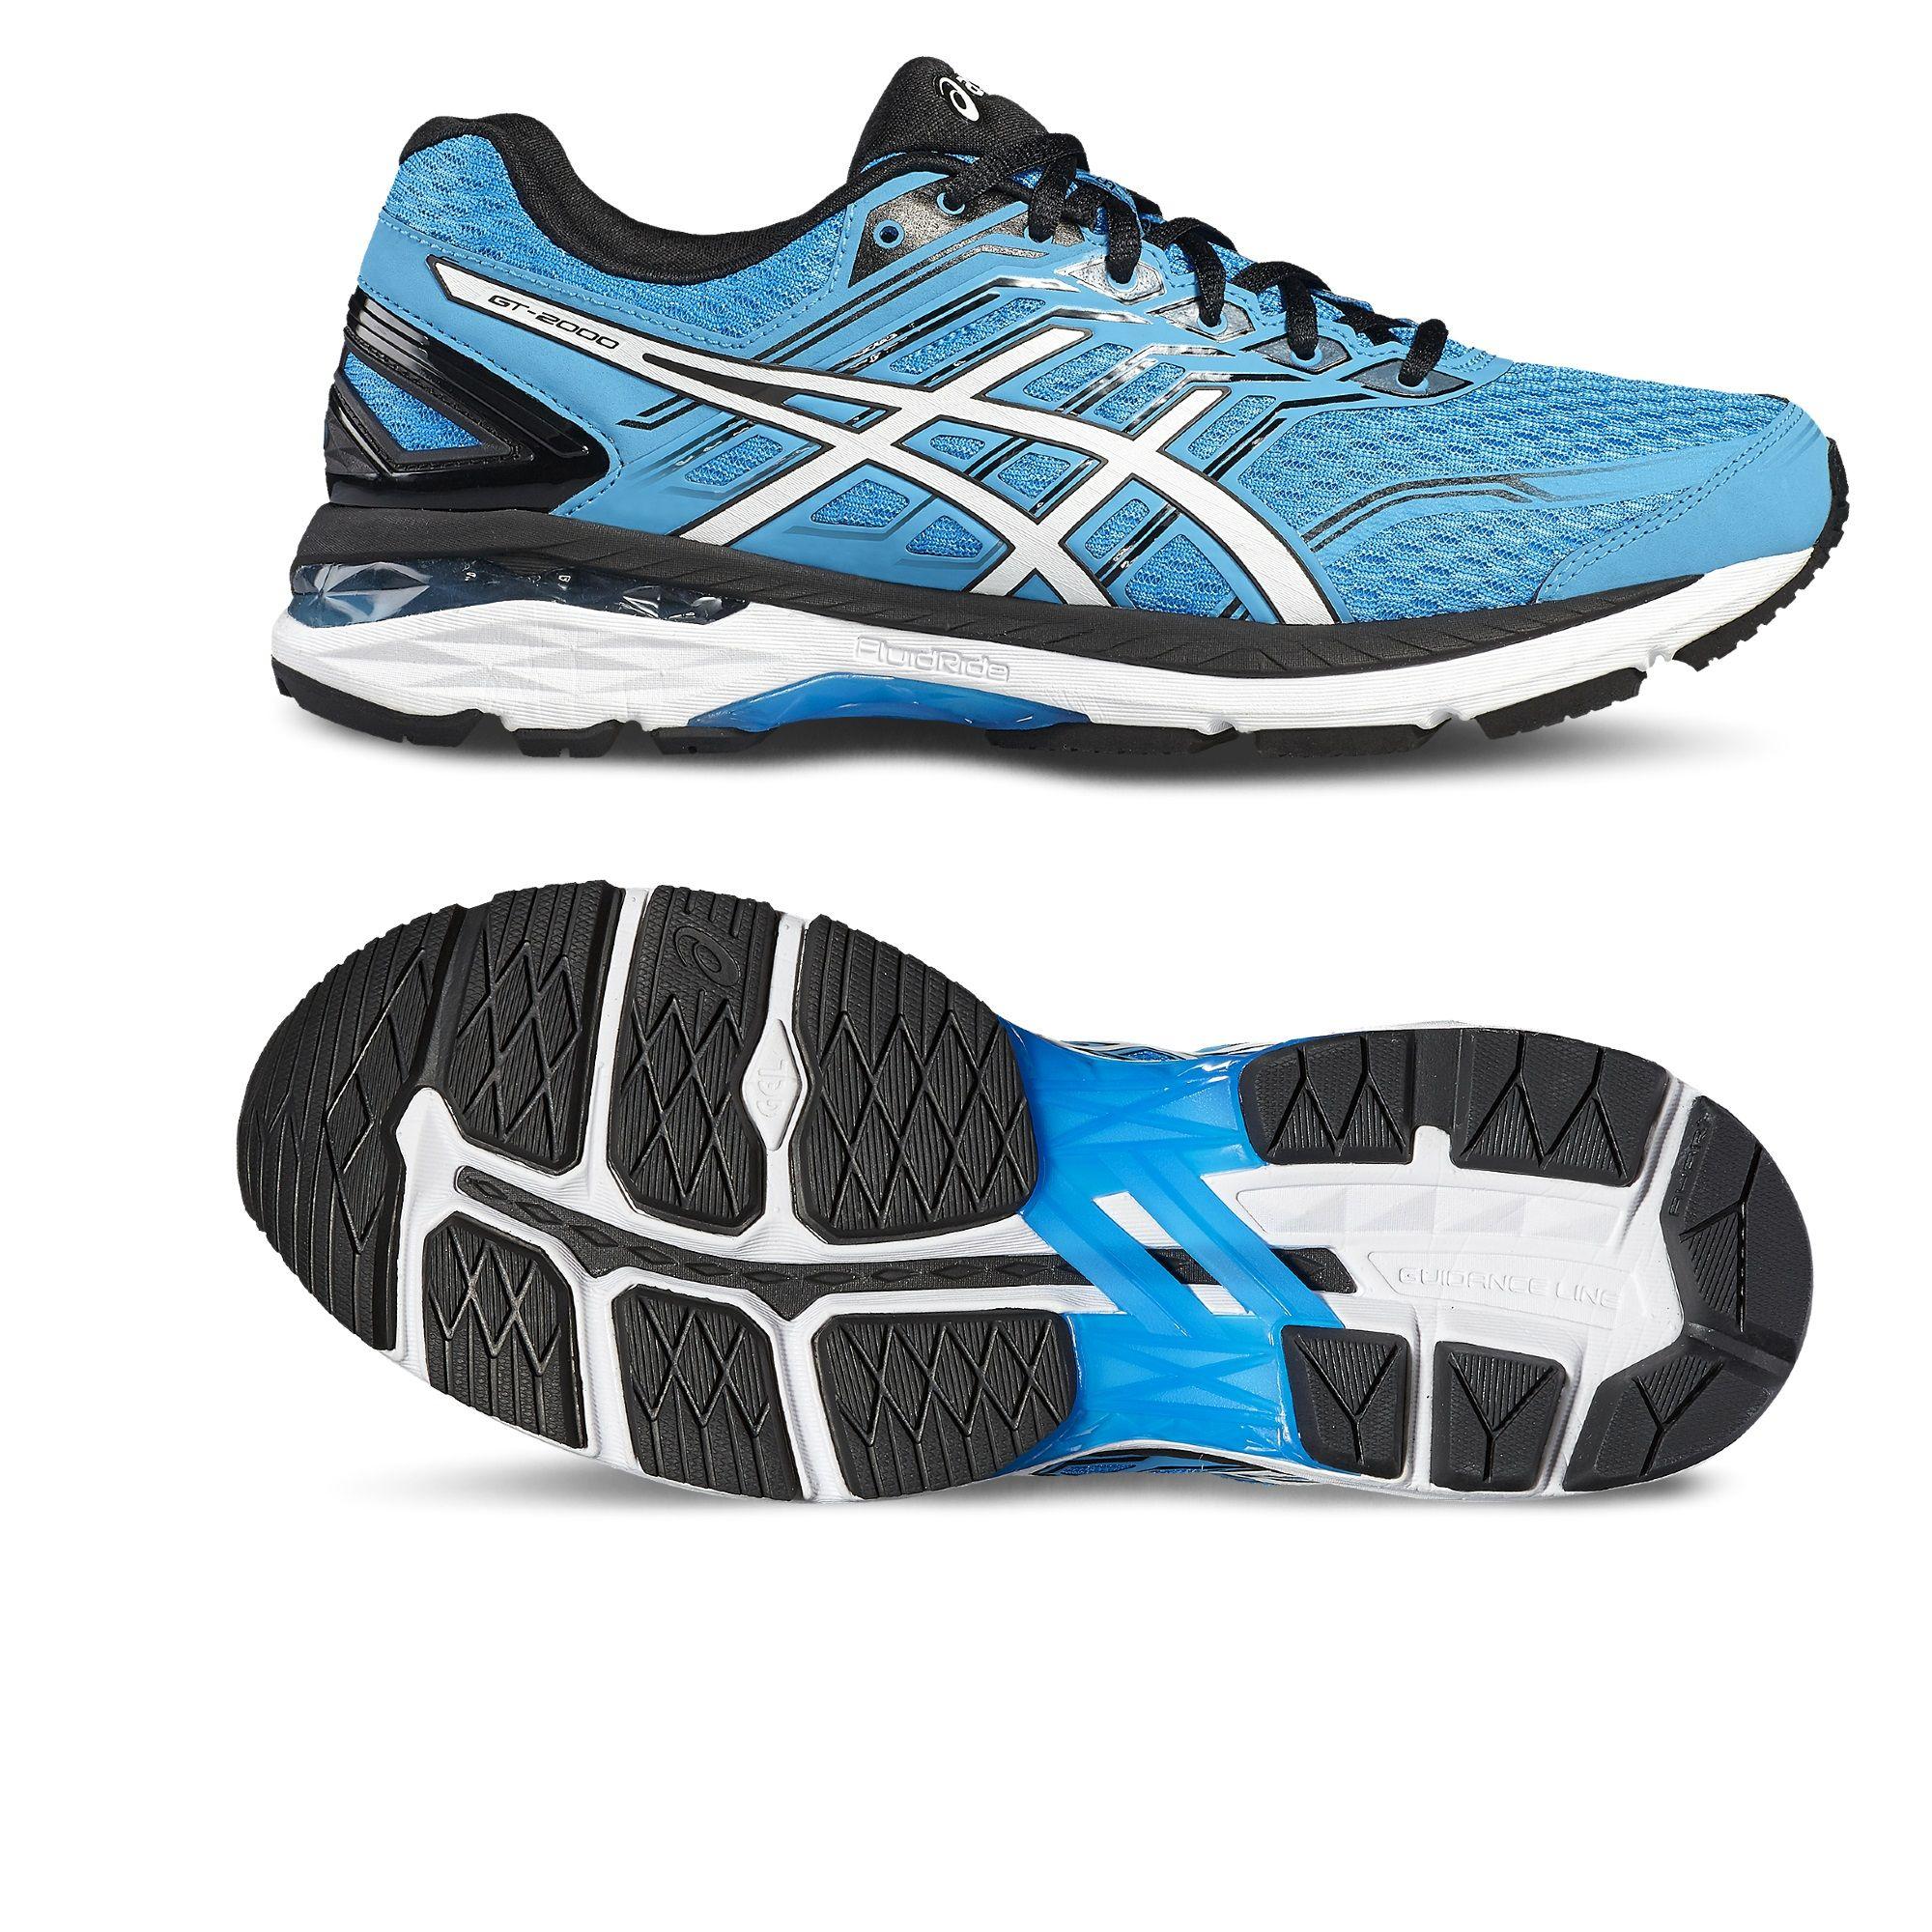 Best Asics Squash Shoe